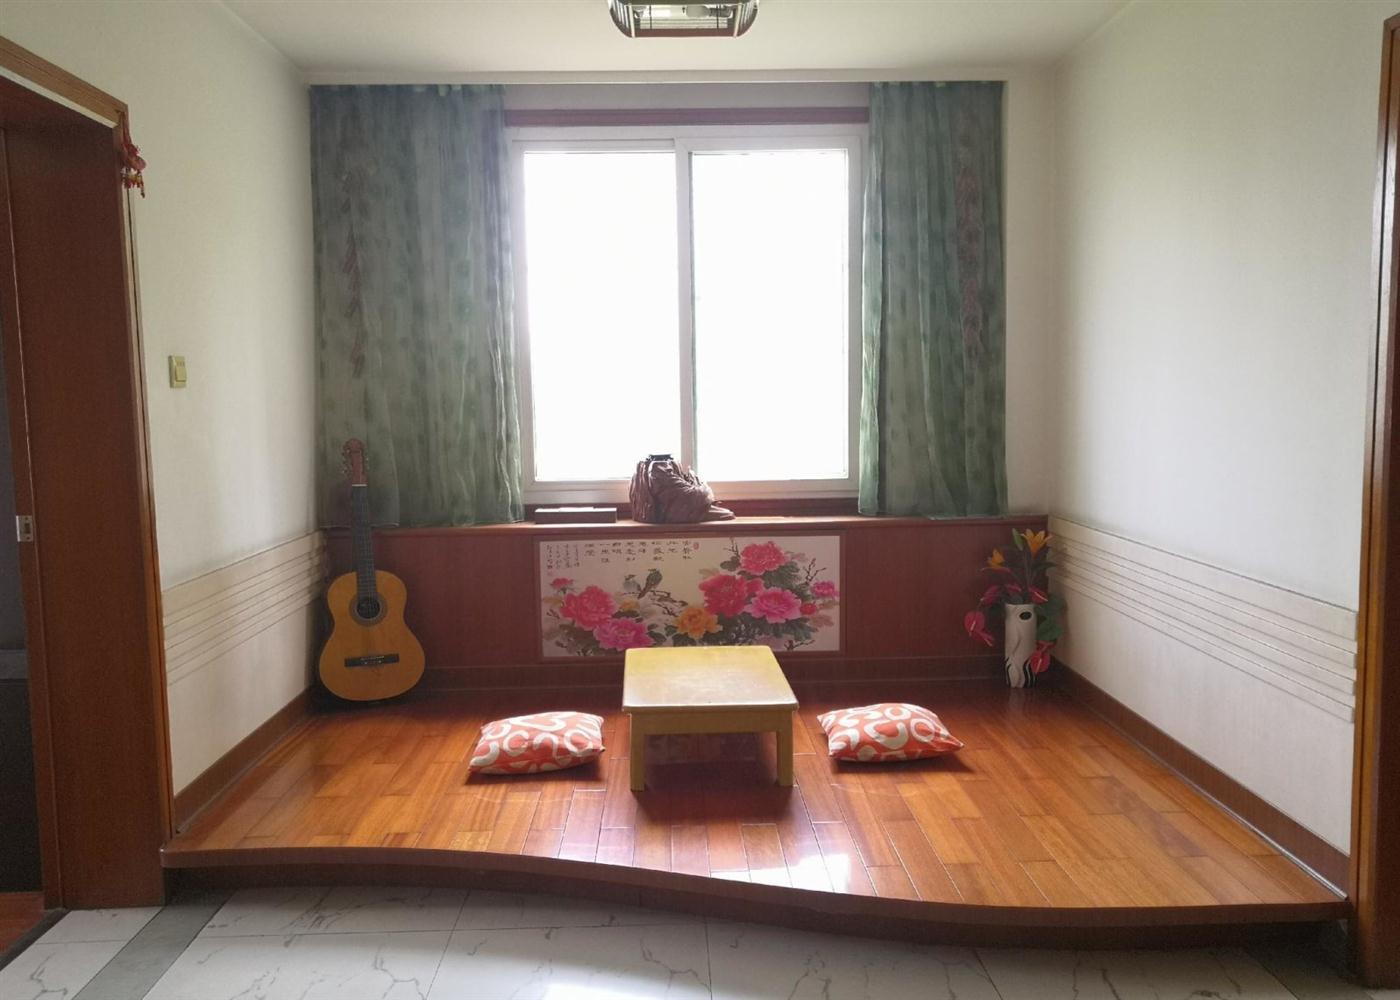 翡翠园 四室两厅 精装修紫气东来 老总楼 采光强 全明户型